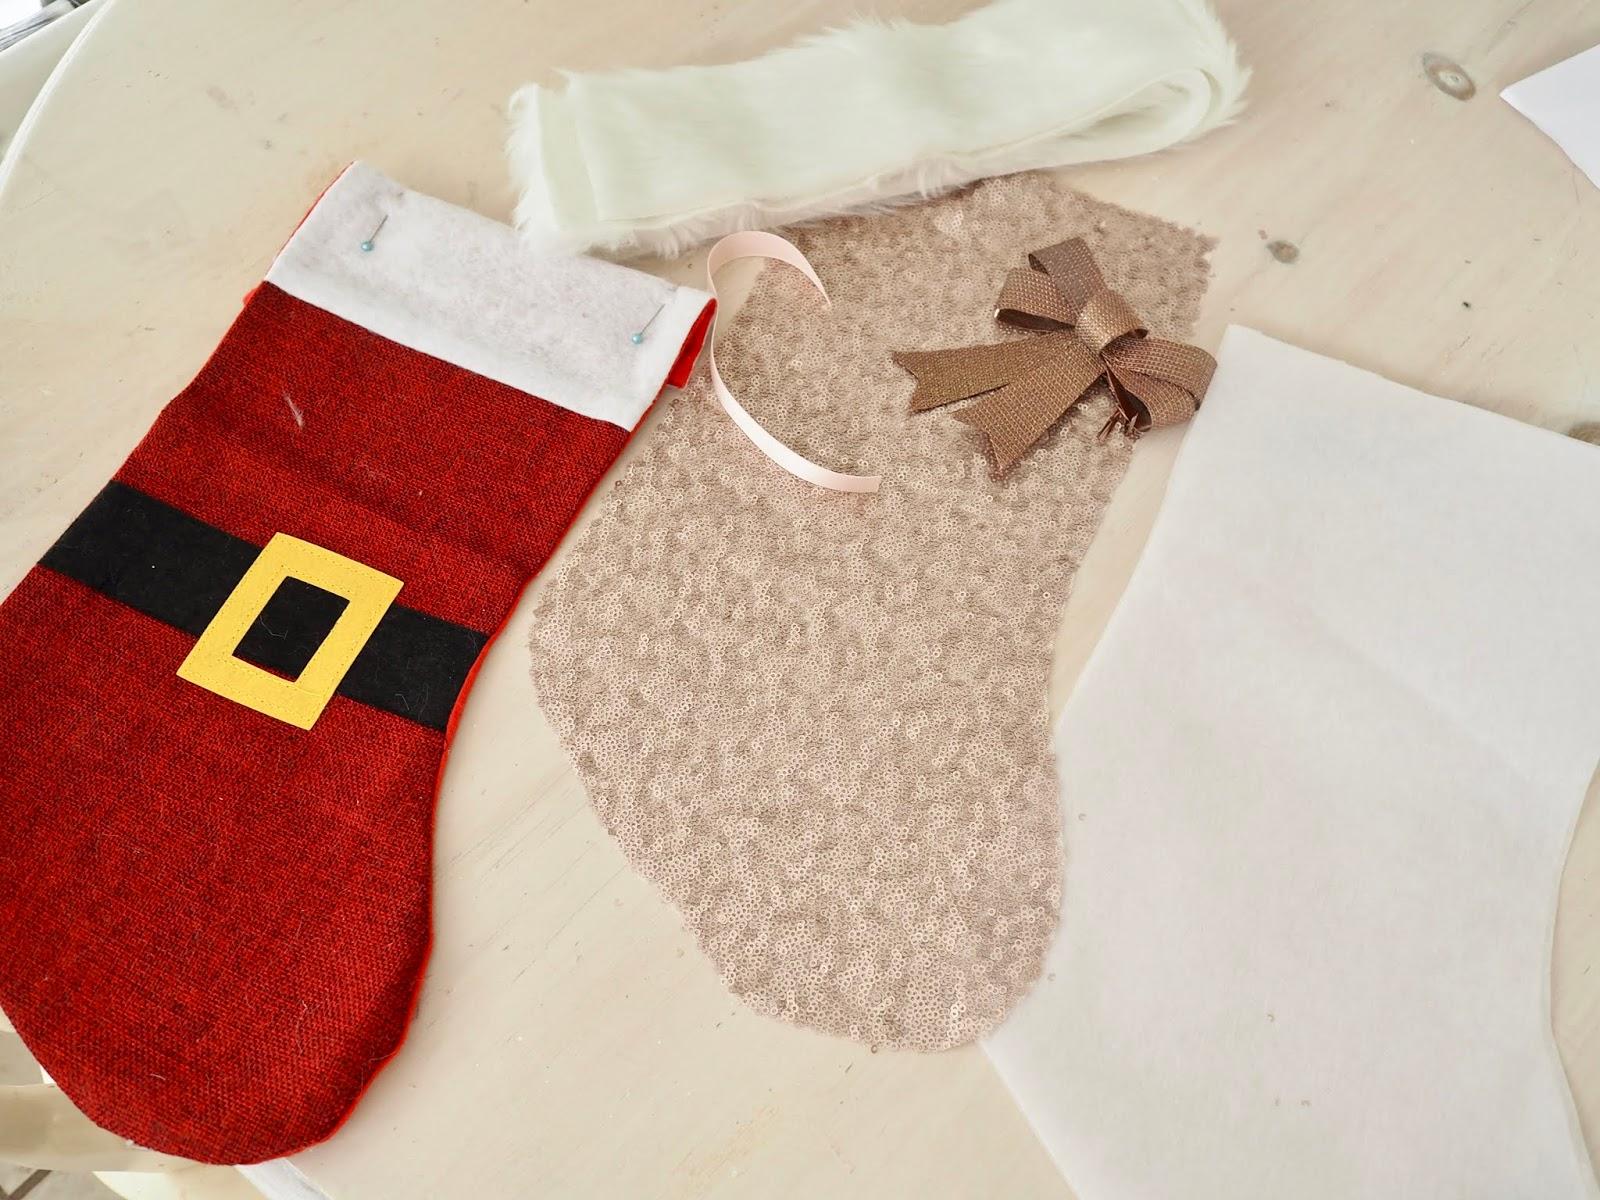 How to make Christmas Socks